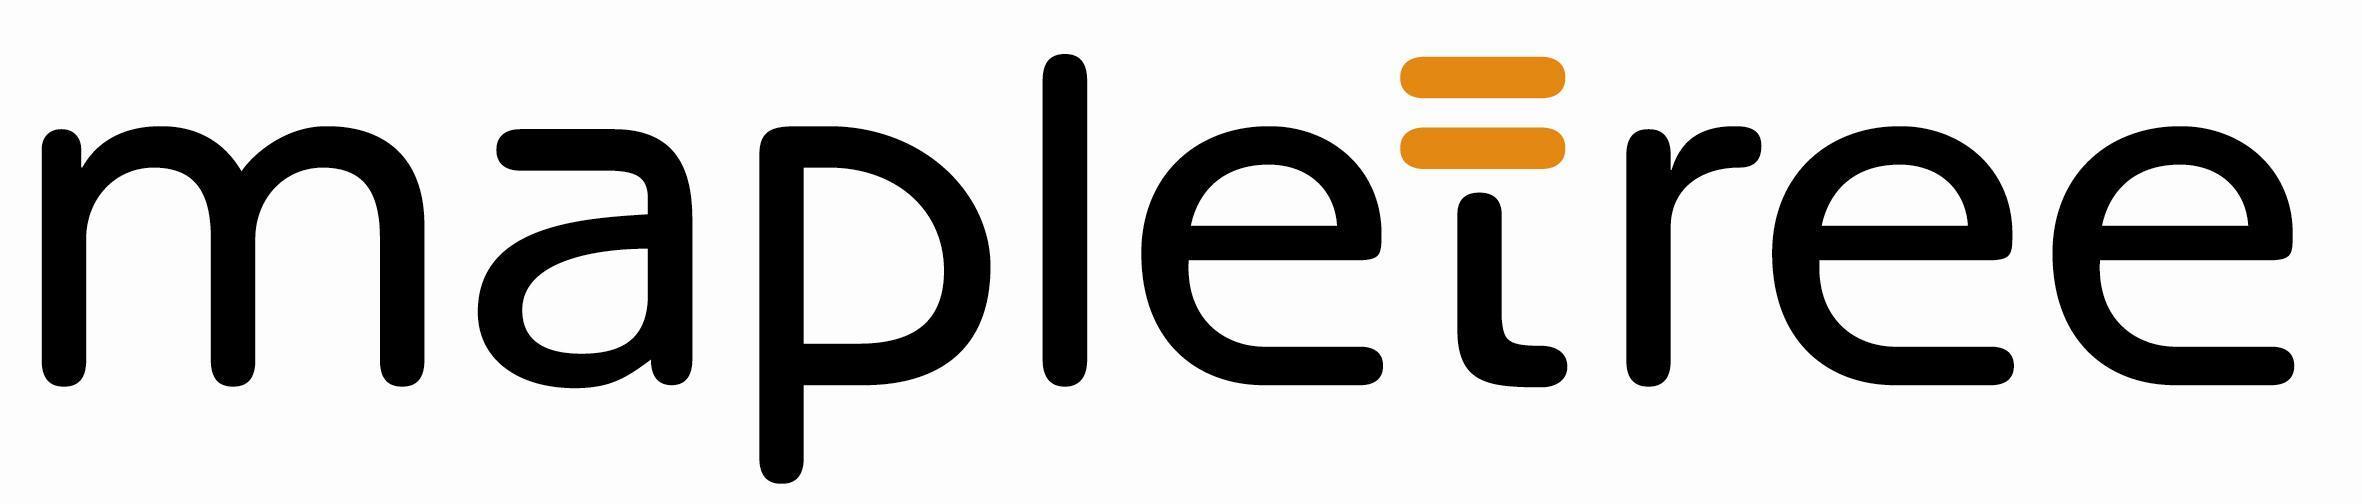 mapletree logo - Mapletree là công ty nào? Thông tin mới nhất năm 2020